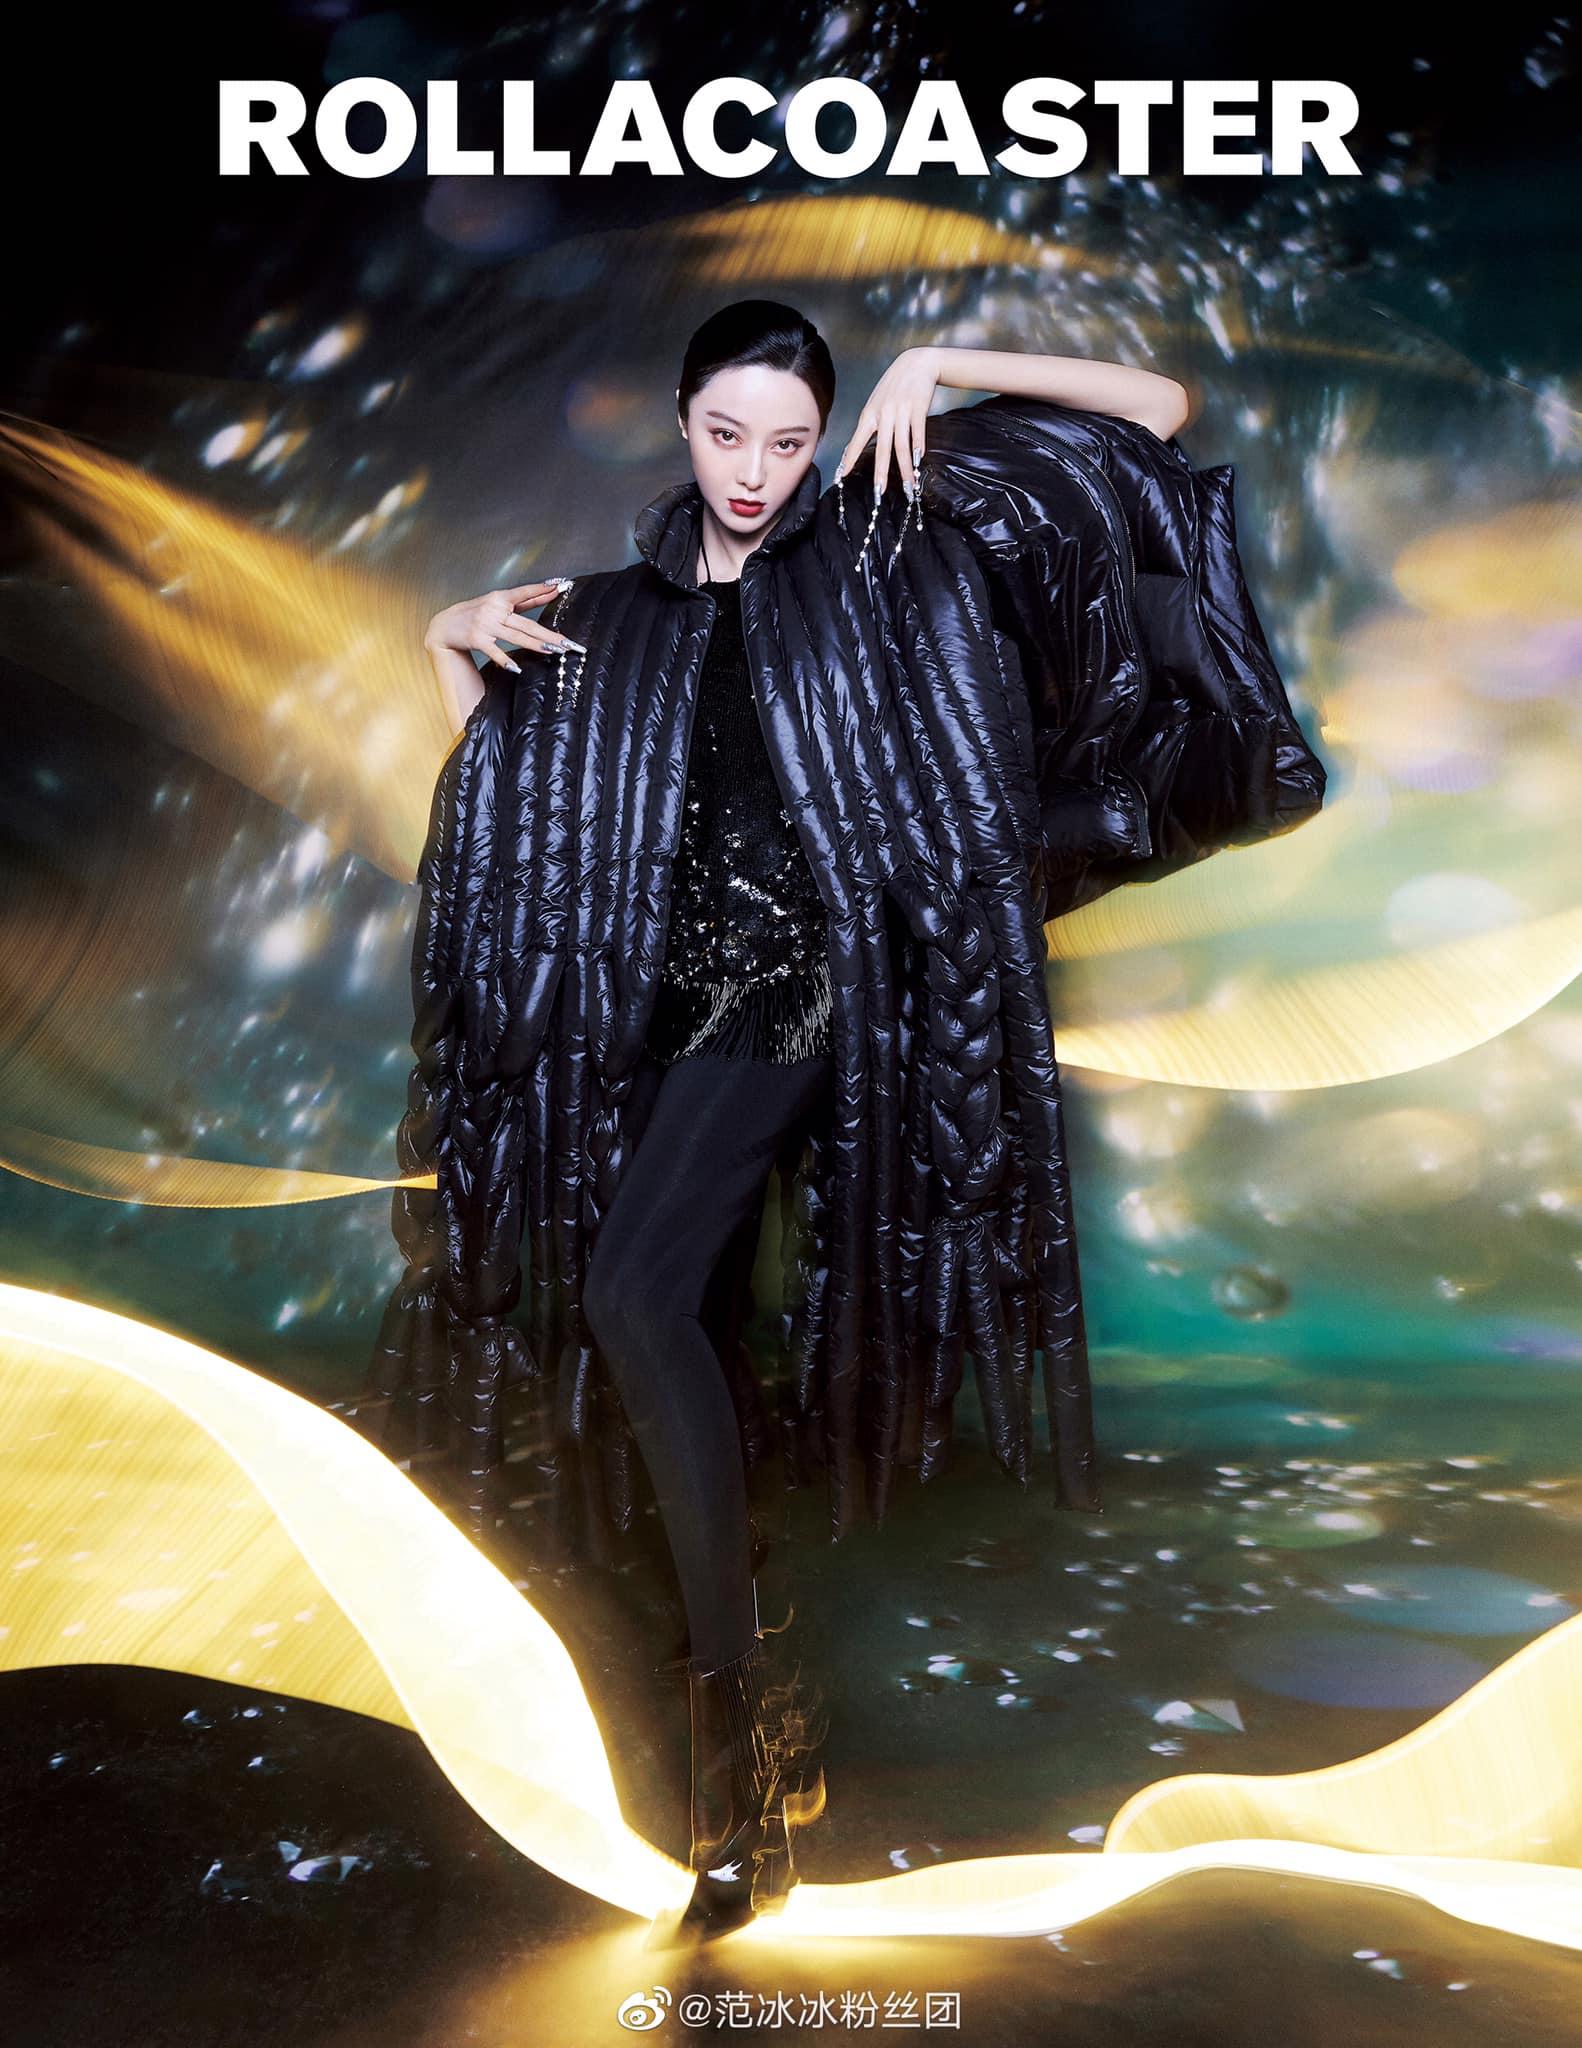 Phạm Băng Băng tái xuất với style khó cảm nhưng vẫn lấn át biểu tượng sexy Dua Lipa khi đụng độ - Ảnh 4.